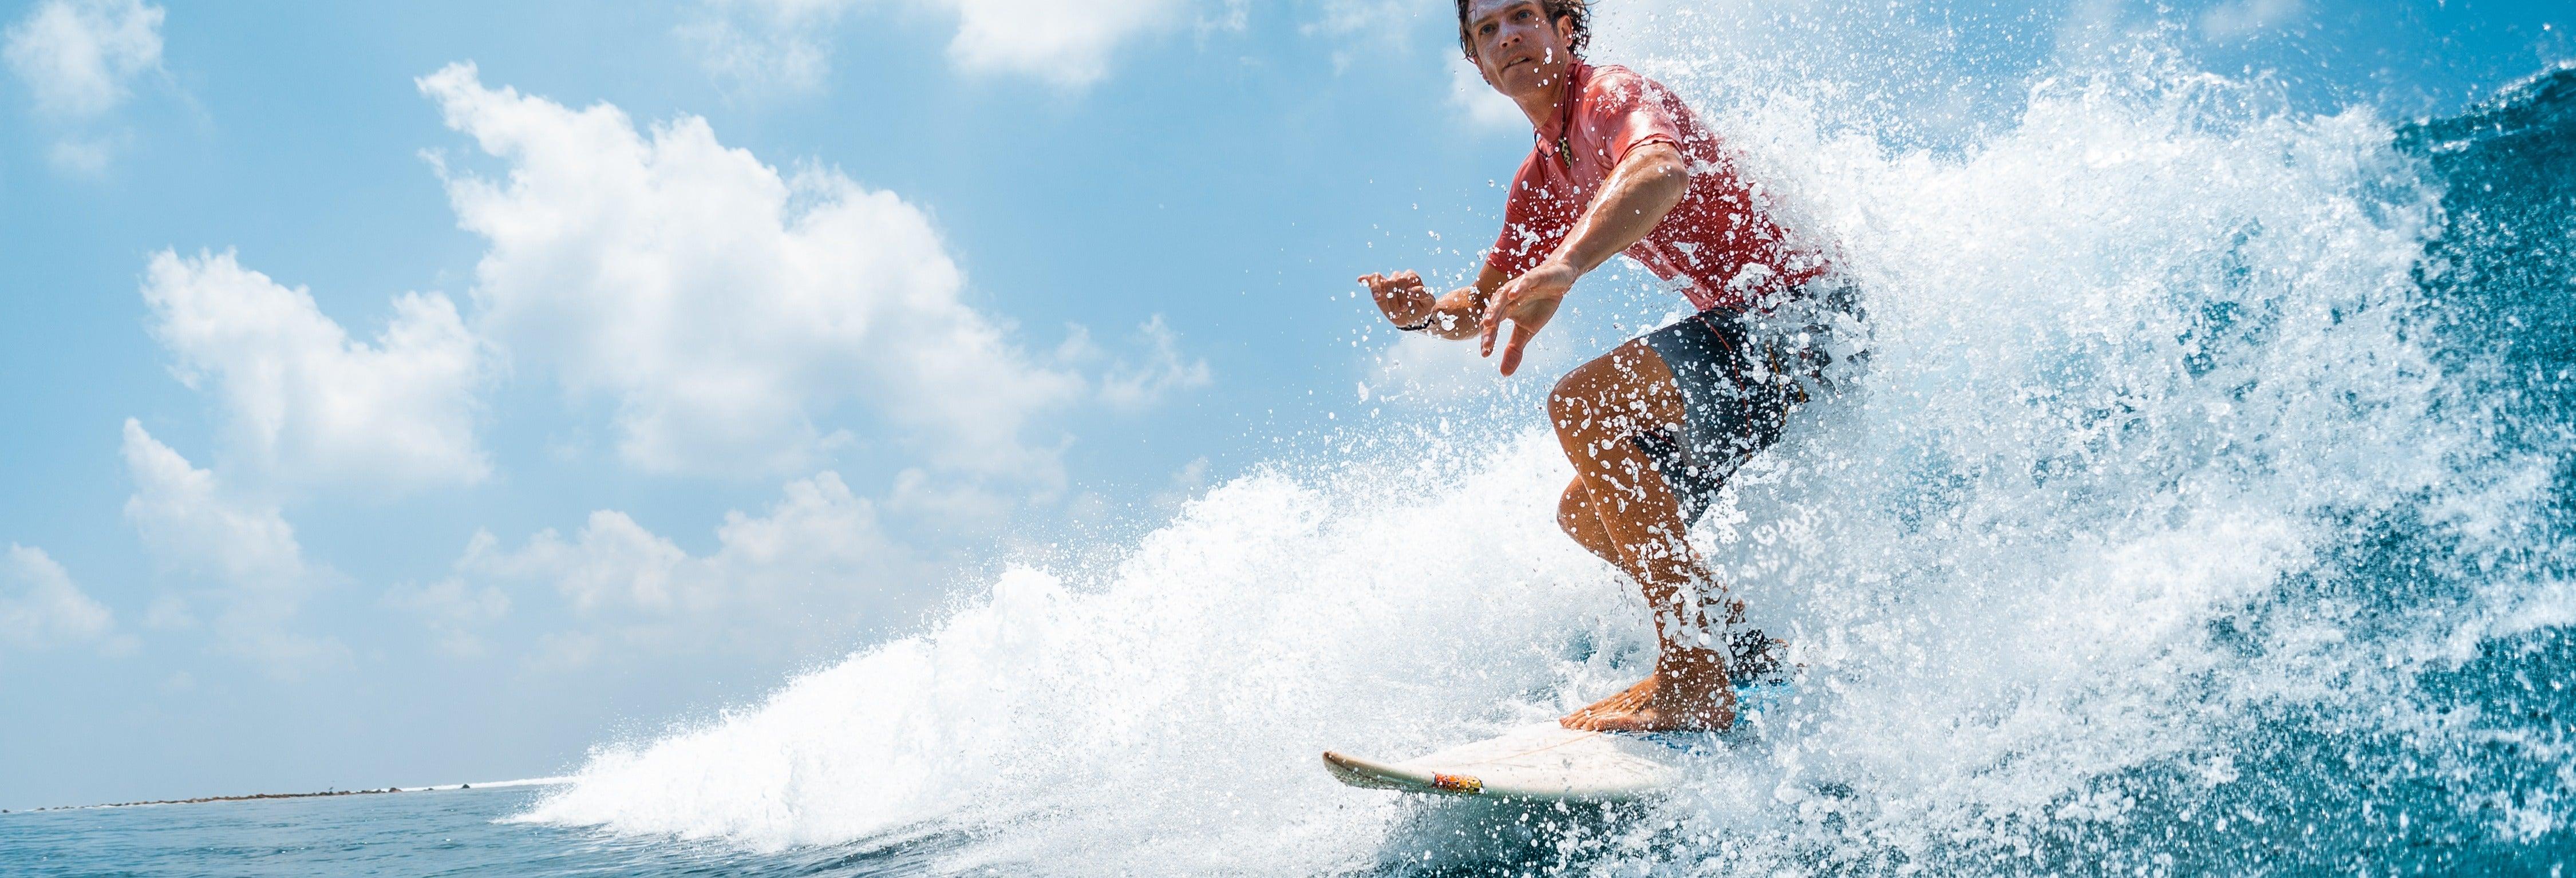 Curso de surfe em Loredo